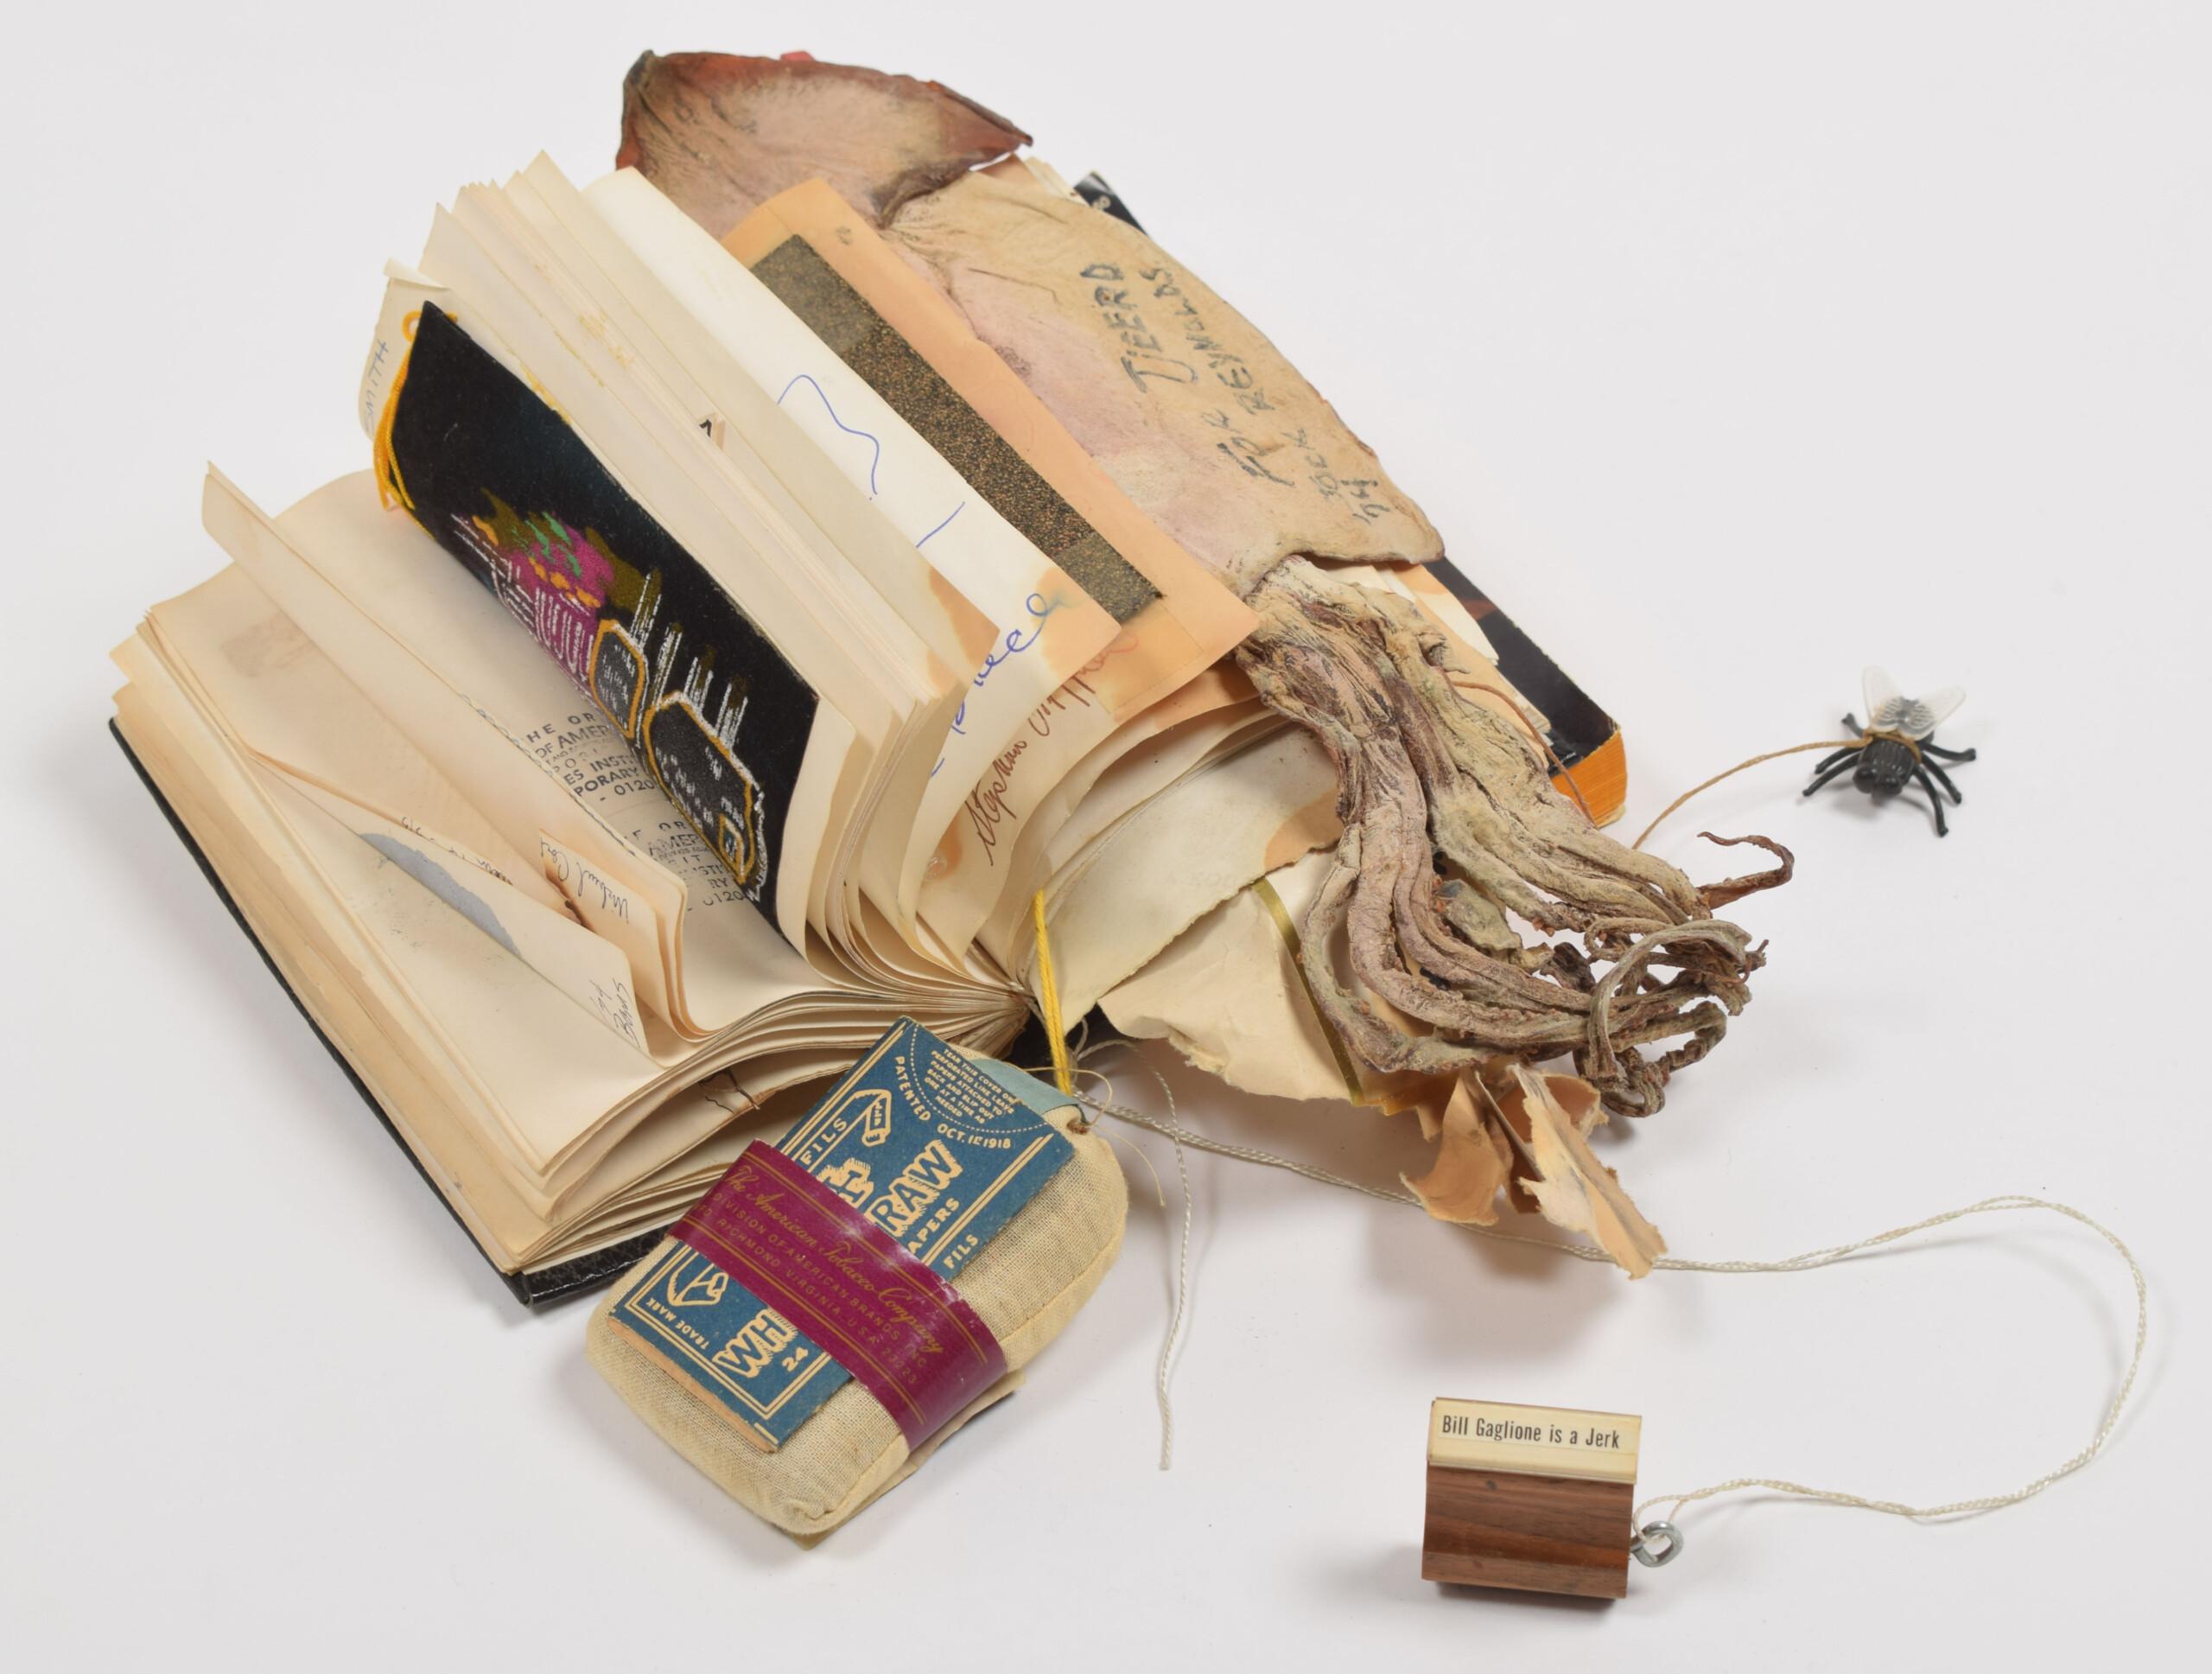 Tjeerd Deelstra's tripbook Parafernalia